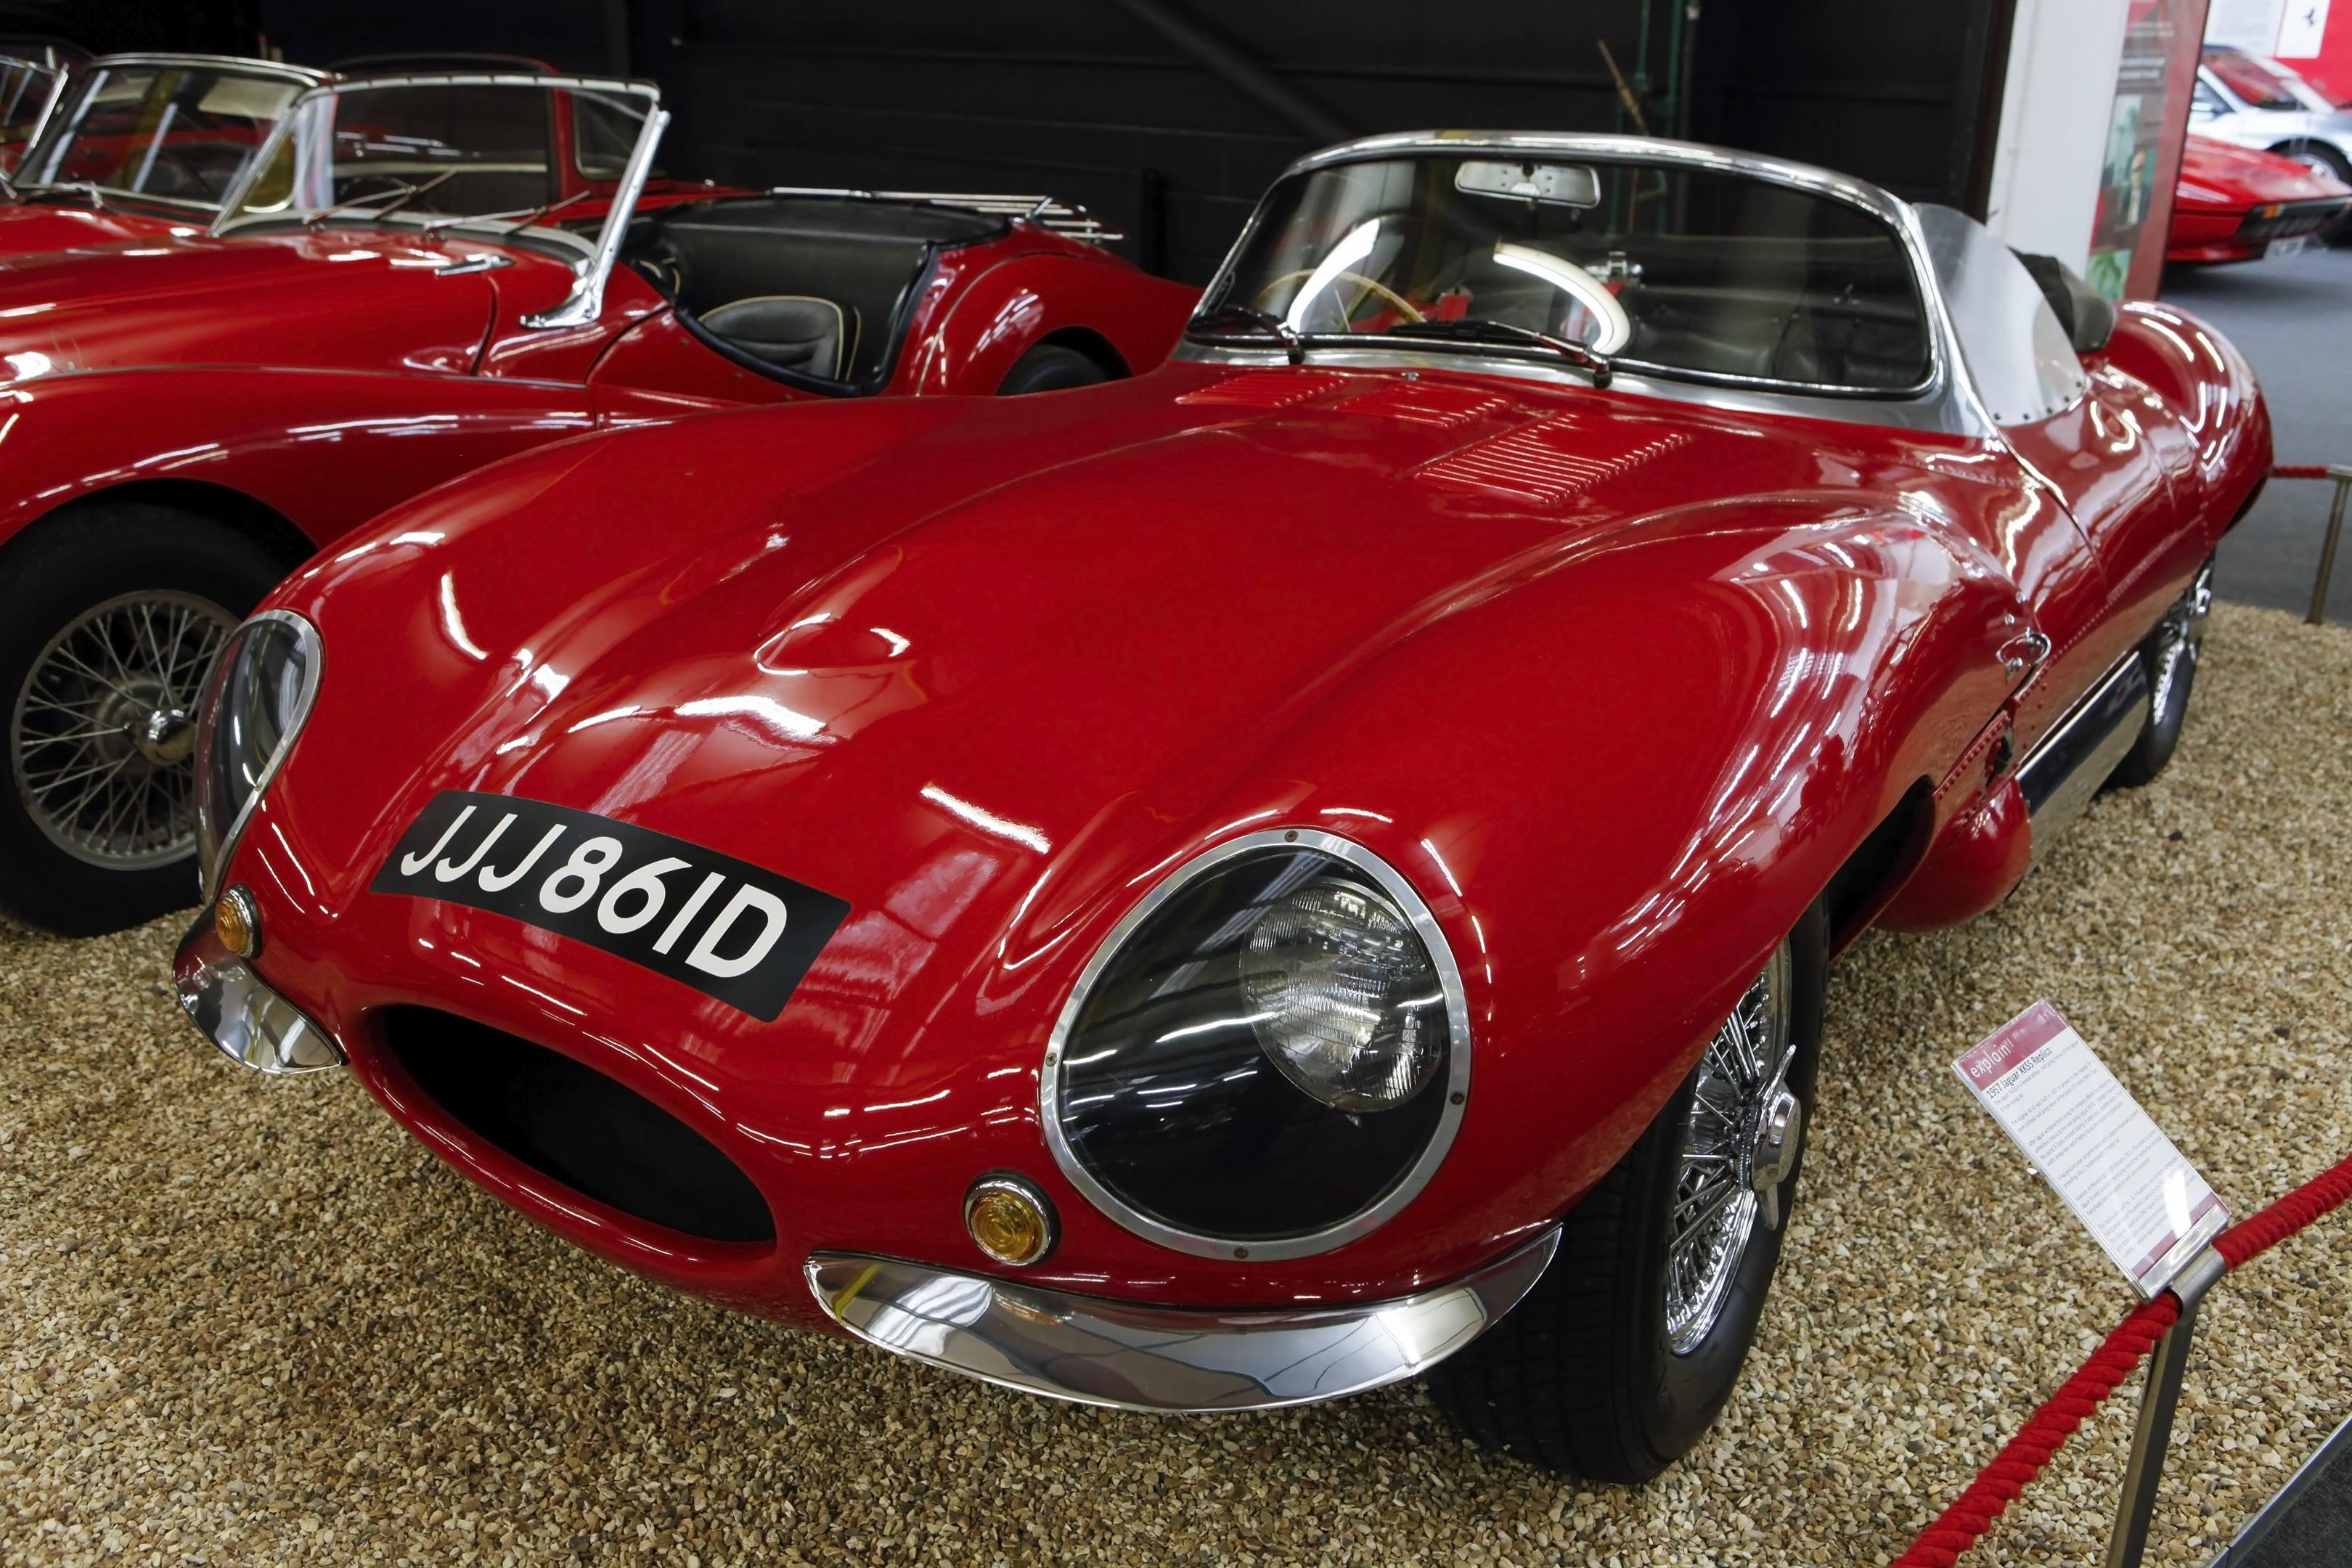 haynes museum 1957 jaguar xkss replica red